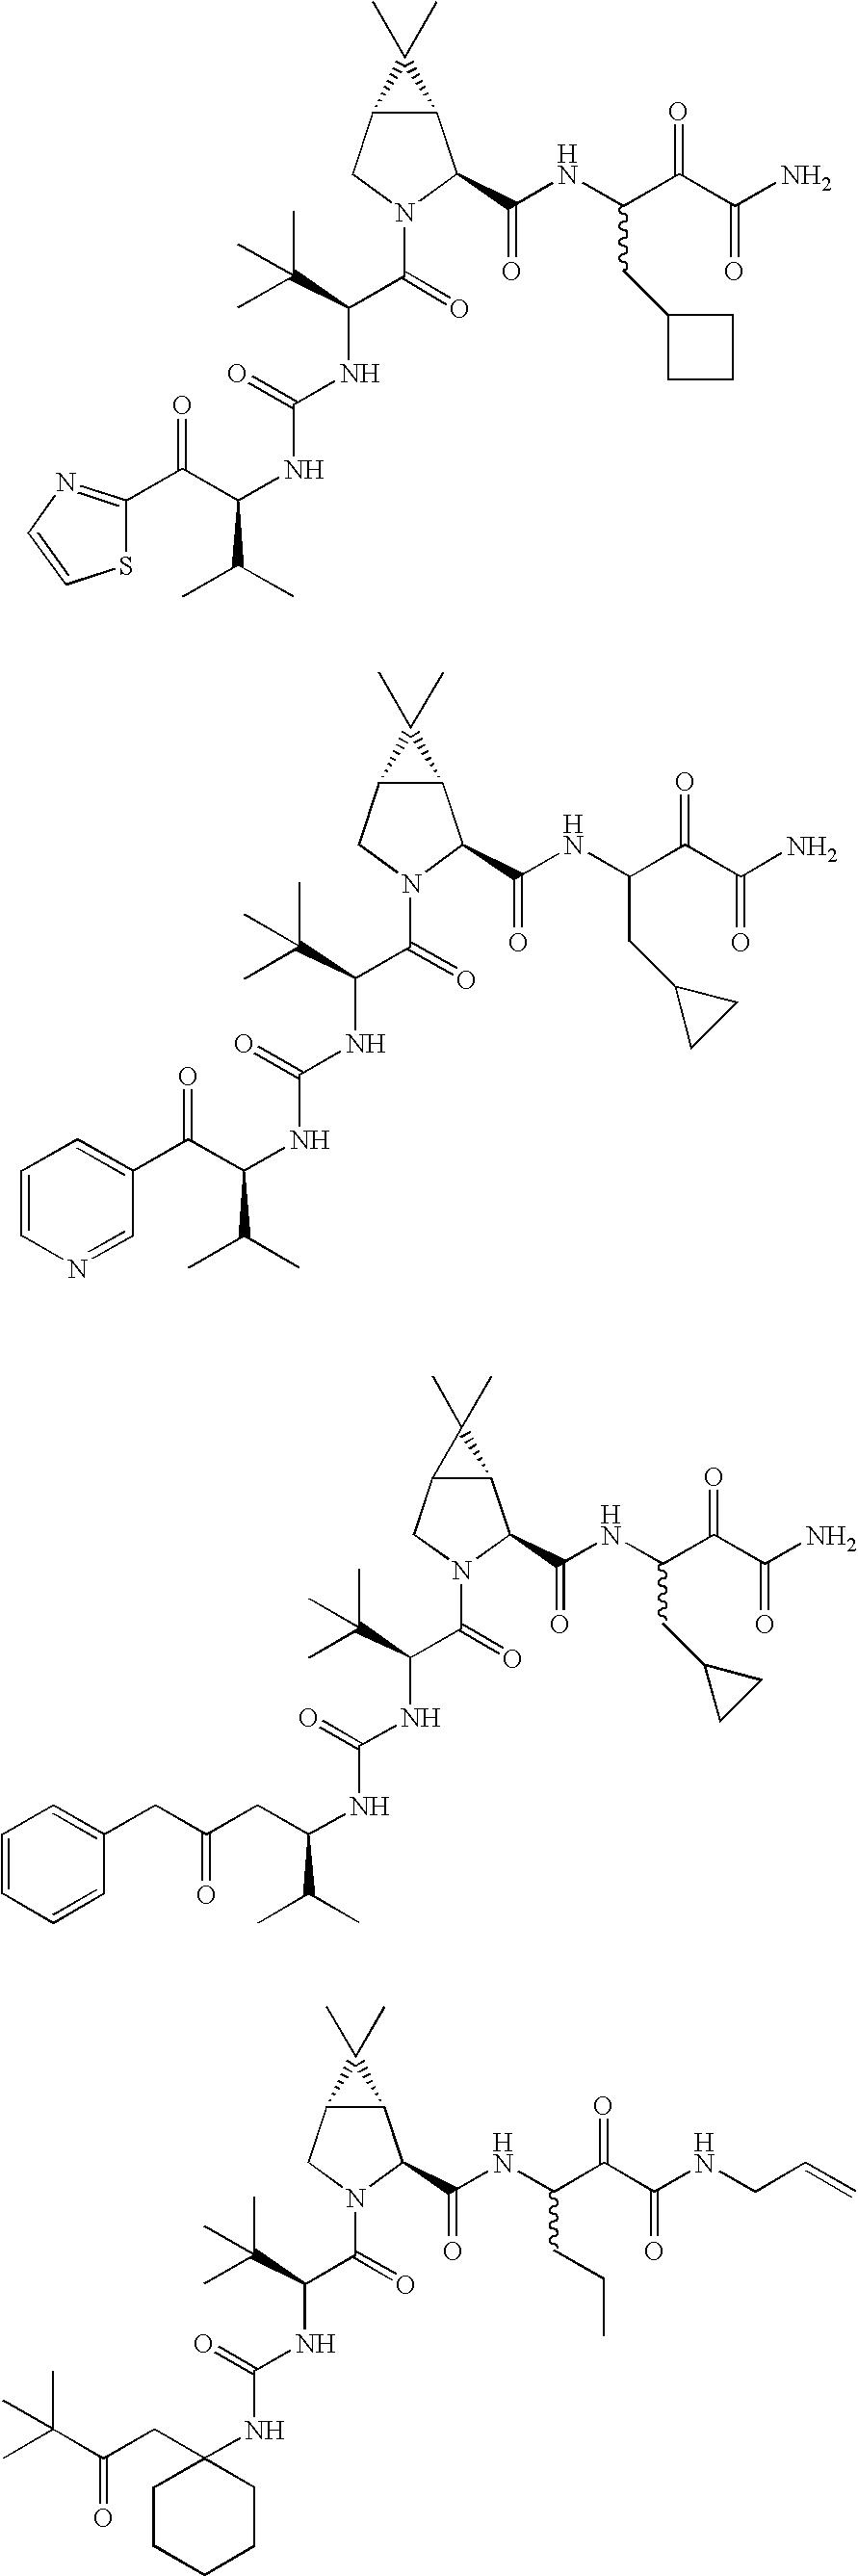 Figure US20060287248A1-20061221-C00226